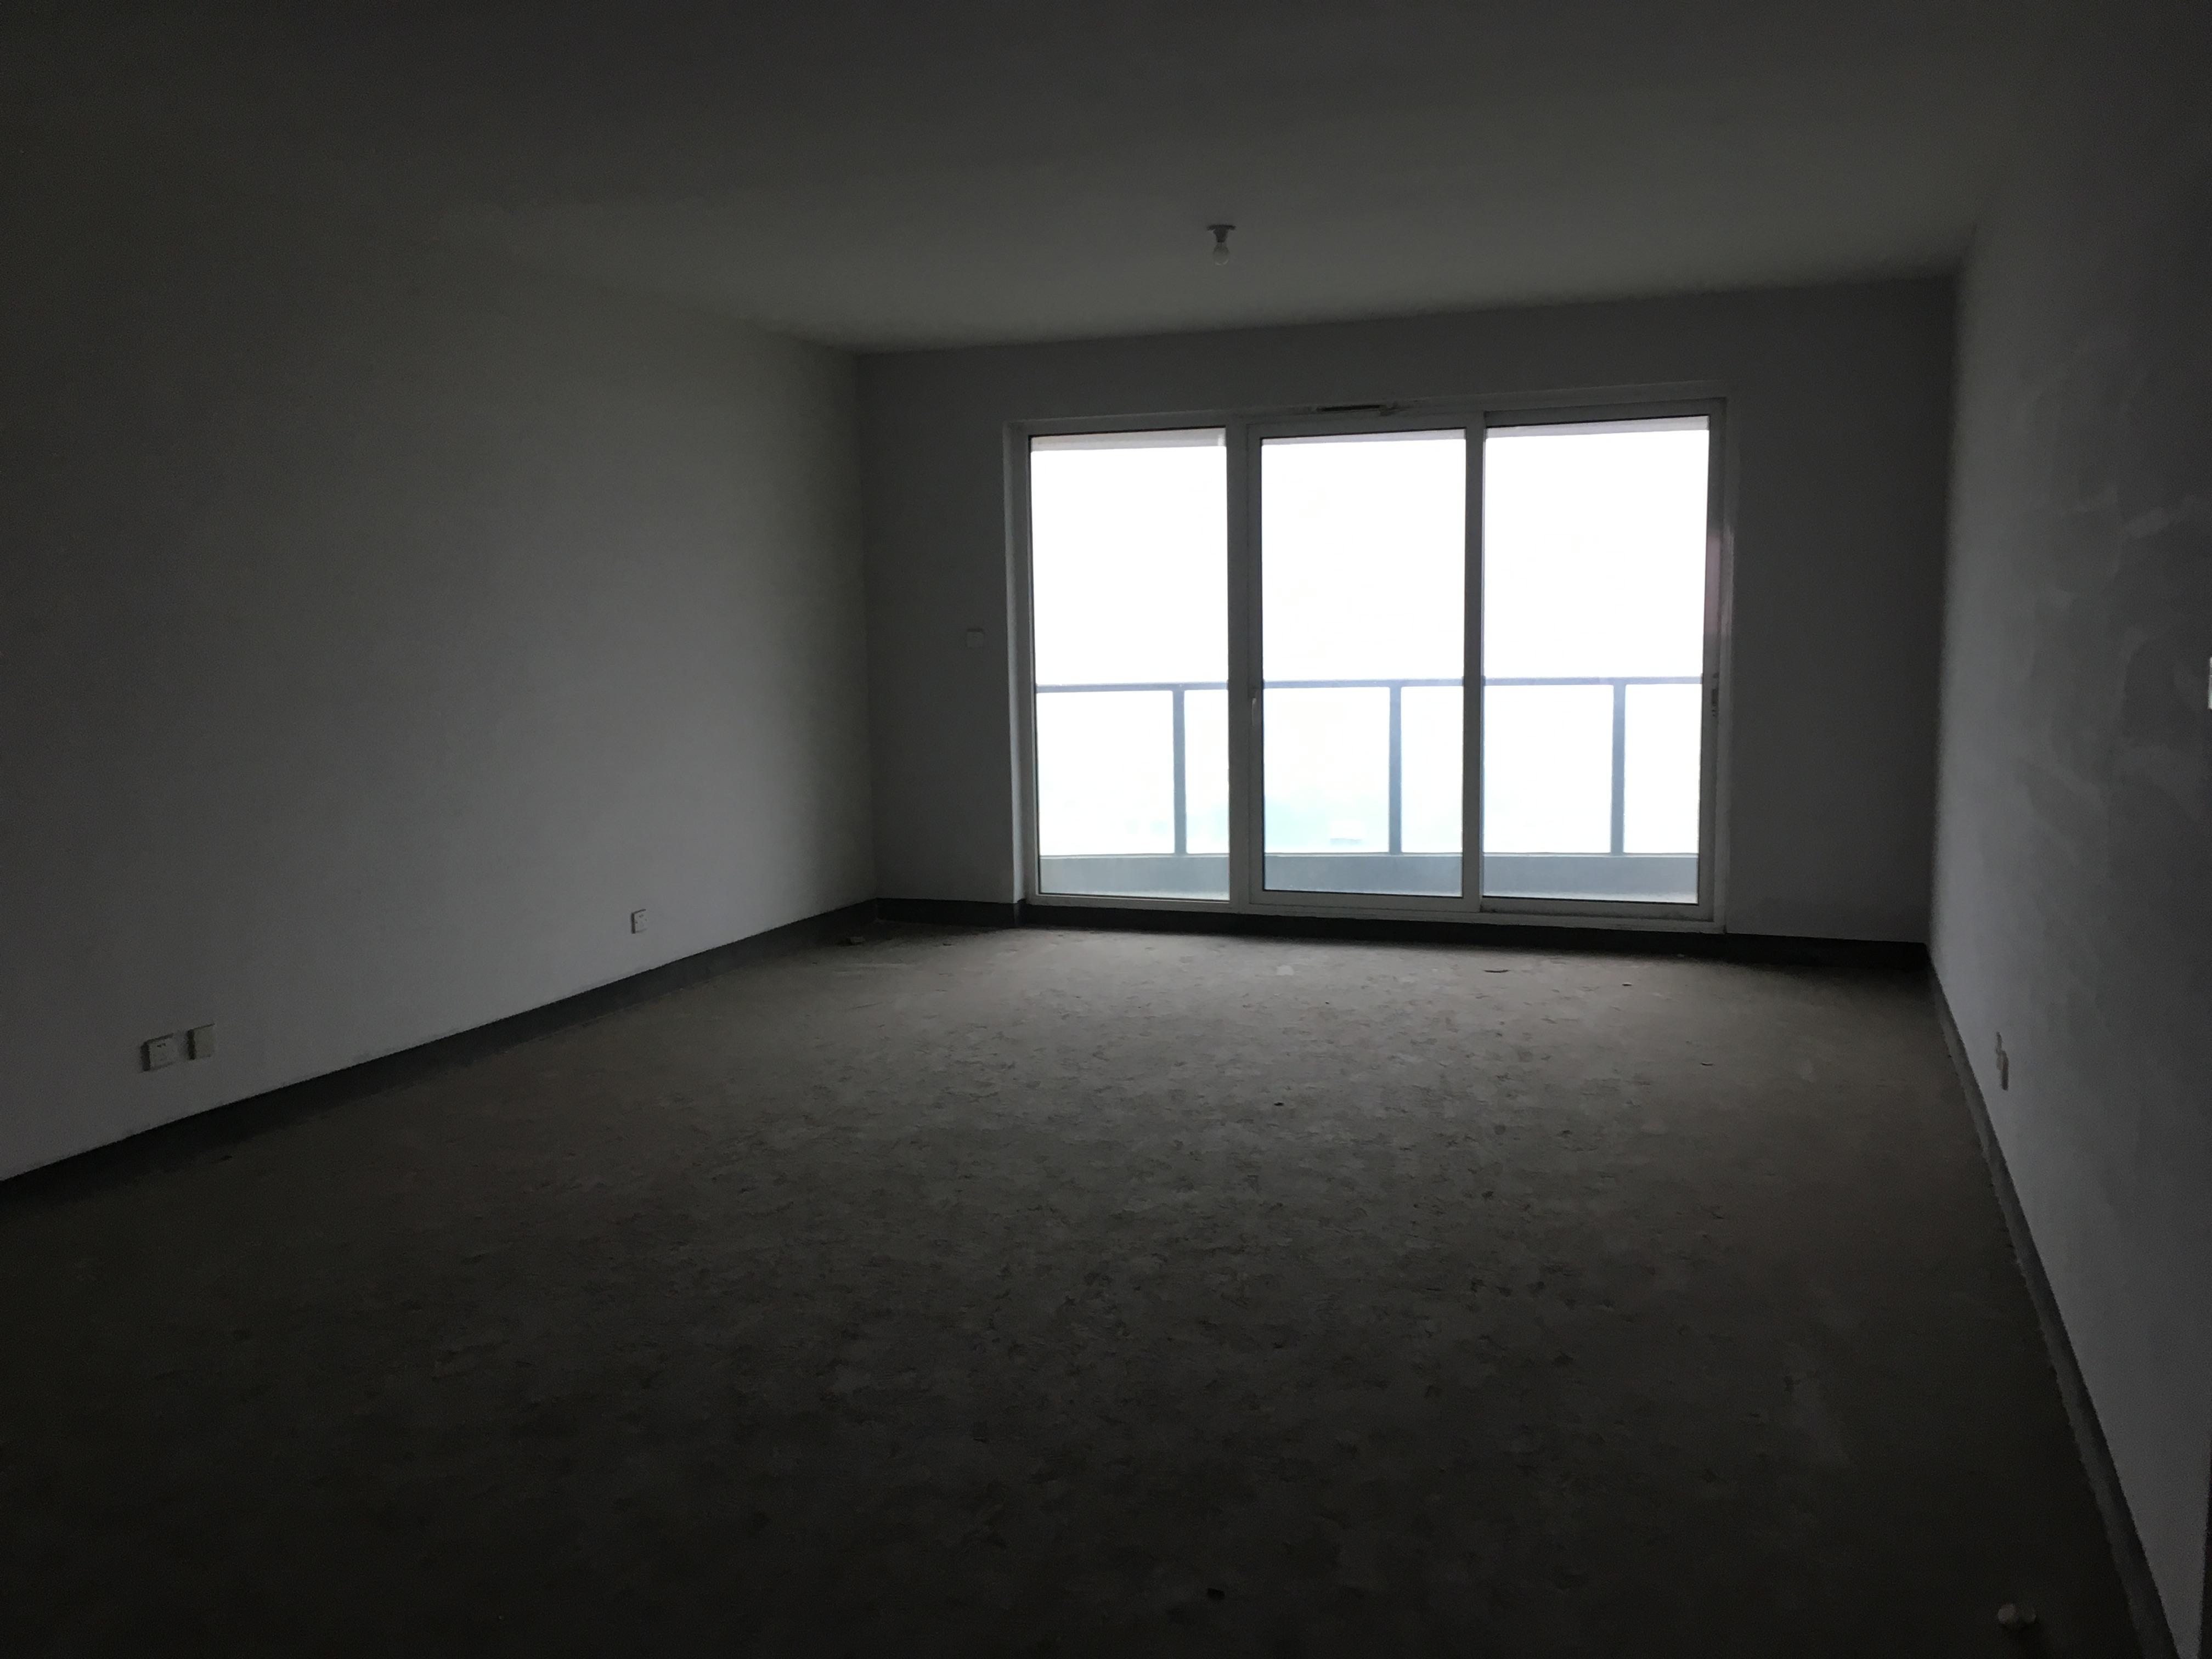 诚售绿都滨花园246方毛坯房,四房二厅三卫二个超级大阳台,大平层有钥匙